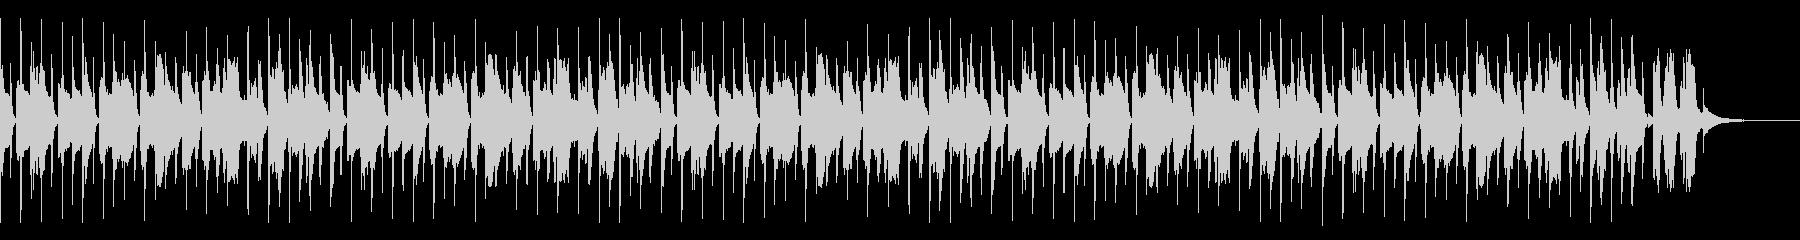 かわいいパズルBGM(ハイスピード)の未再生の波形